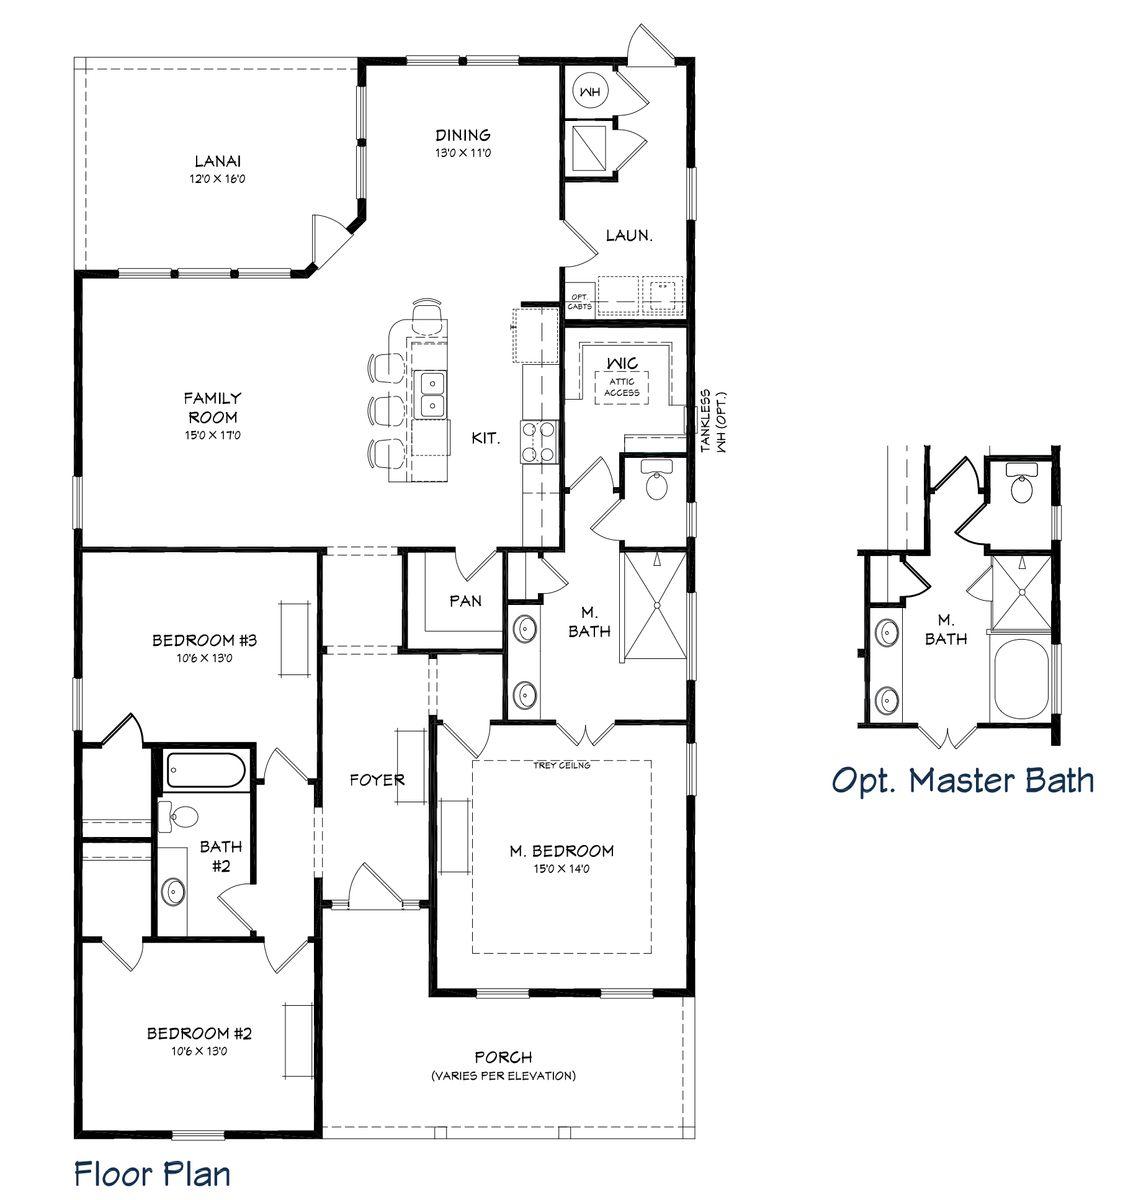 Orchid Floor Plan